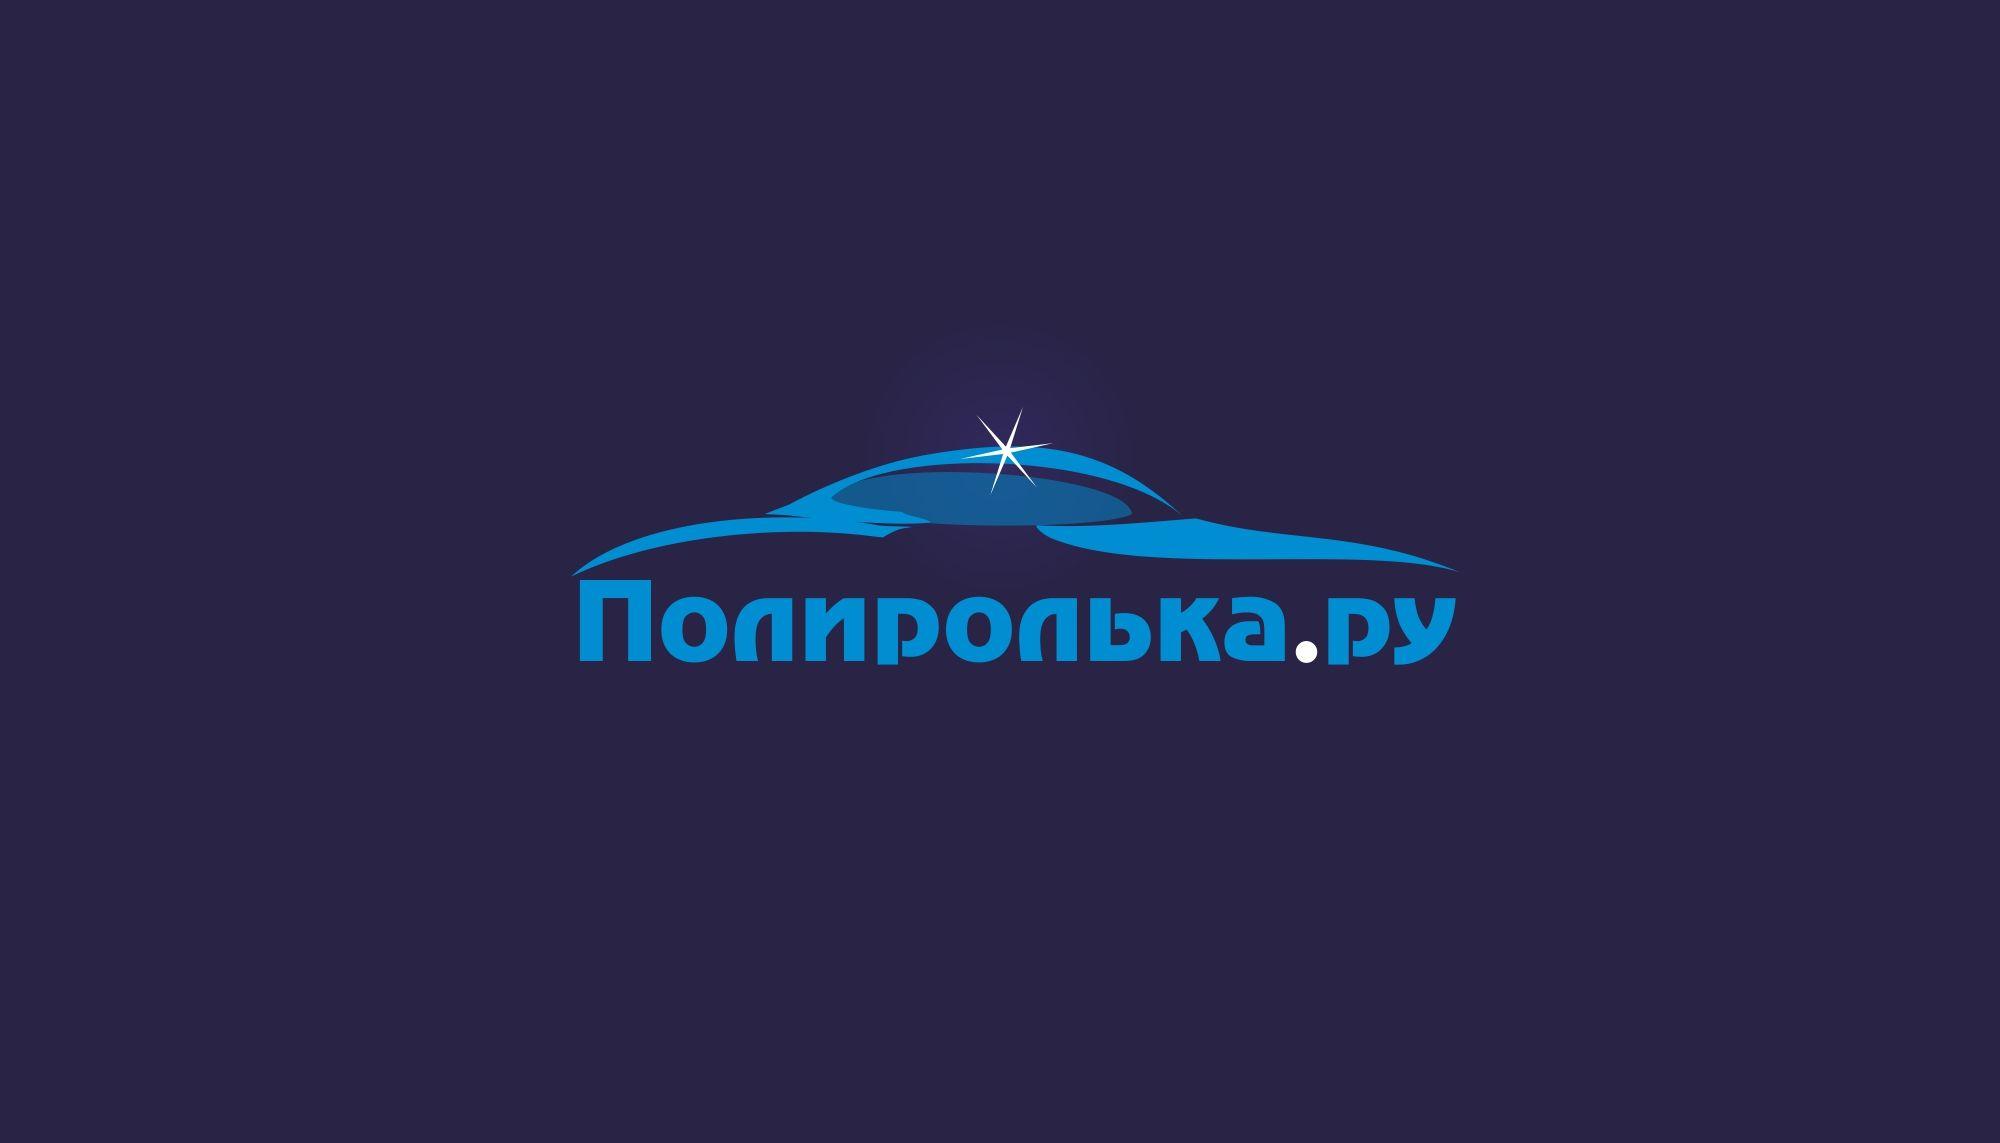 Логотип для интернет-магазина Полиролька.ру - дизайнер markosov